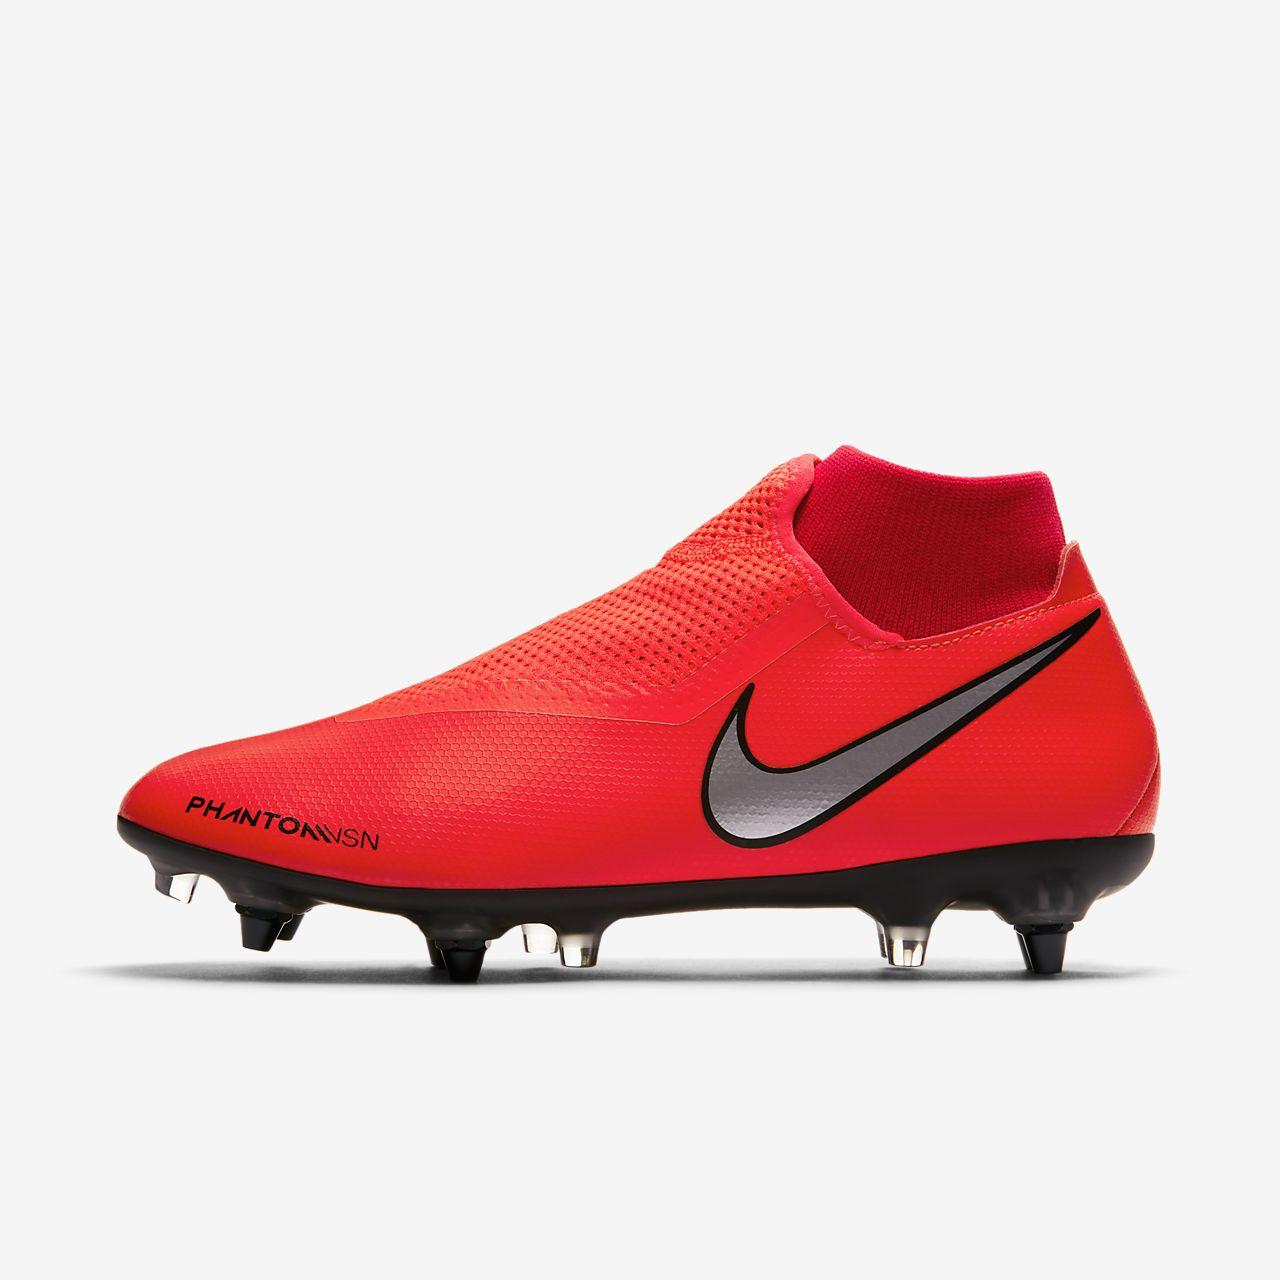 Korki piłkarskie na miękką murawę Nike PhantomVSN Academy Dynamic Fit SG-Pro Anti-Clog Traction